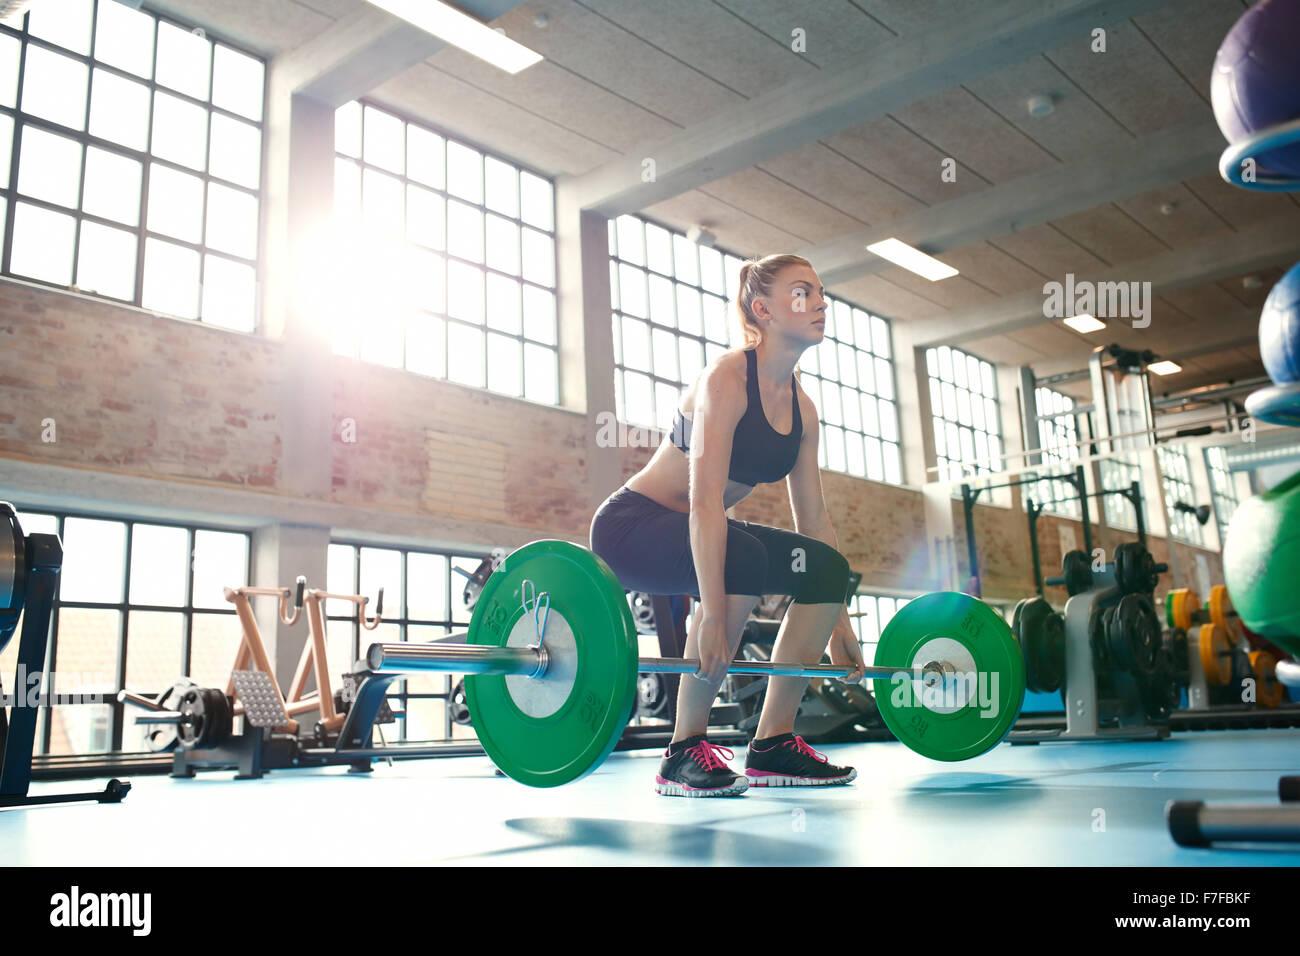 Giovane donna lavorando duro in palestra. Montare atleta femminile sollevamento pesi nel club salute. Foto Stock